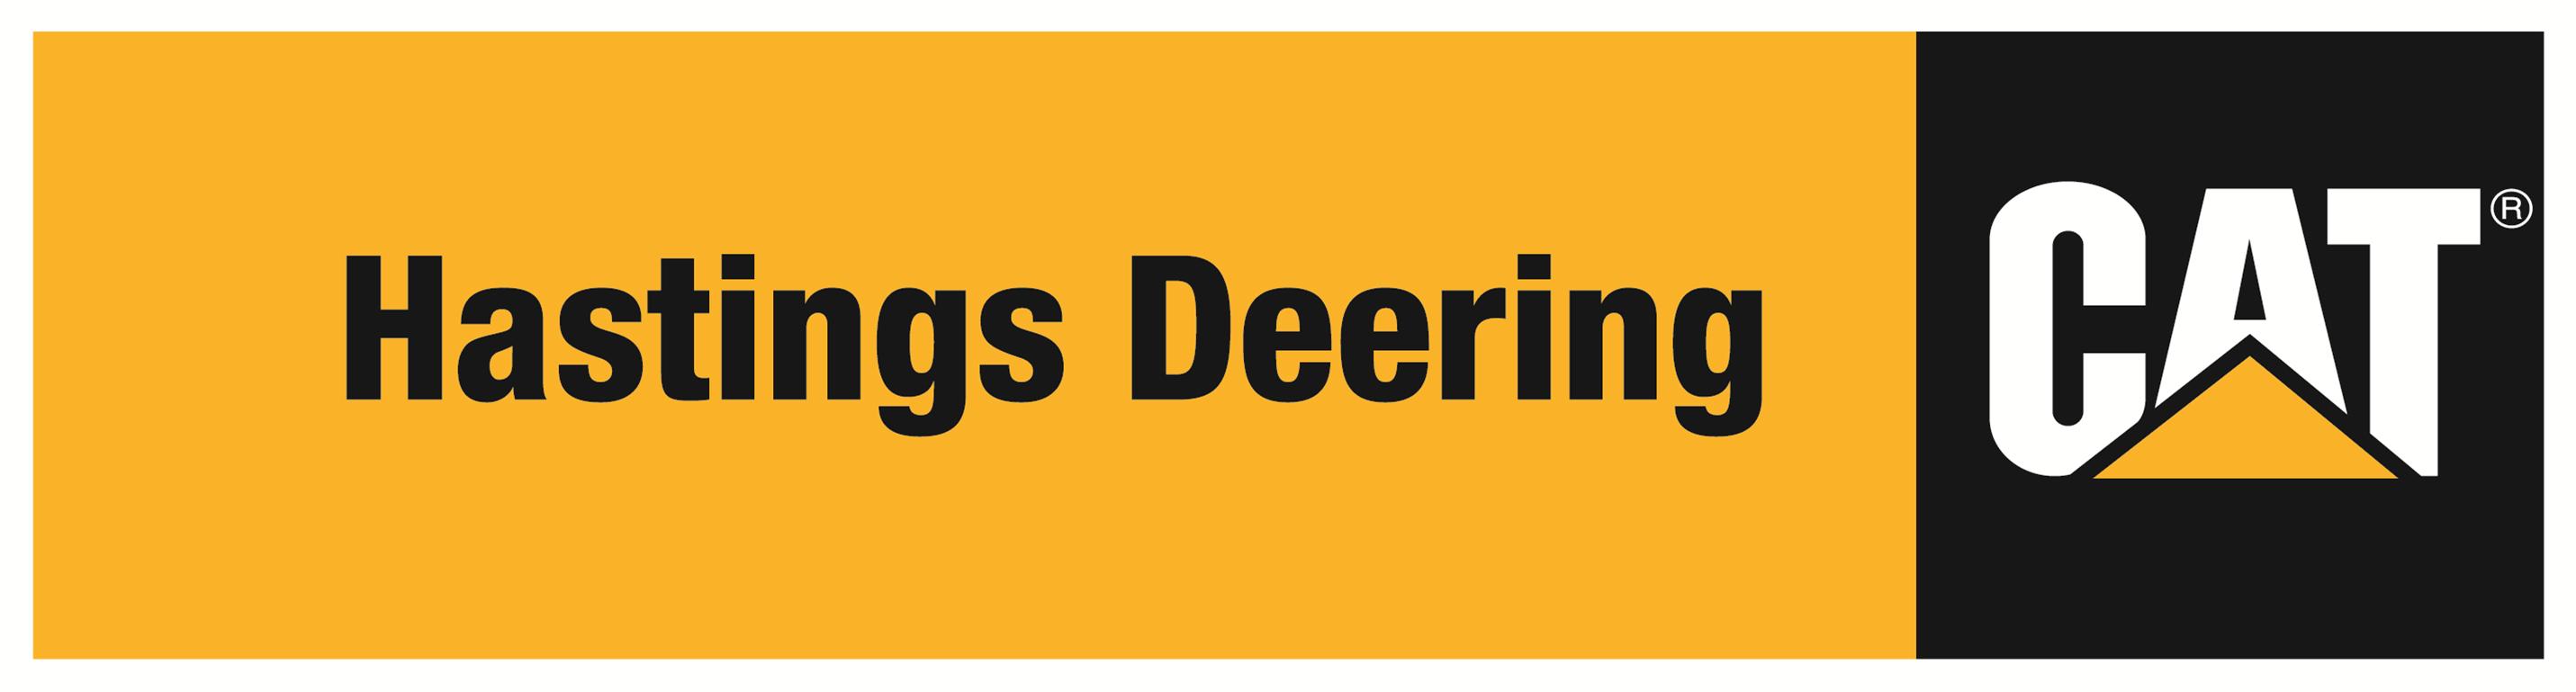 Hastings Deerings